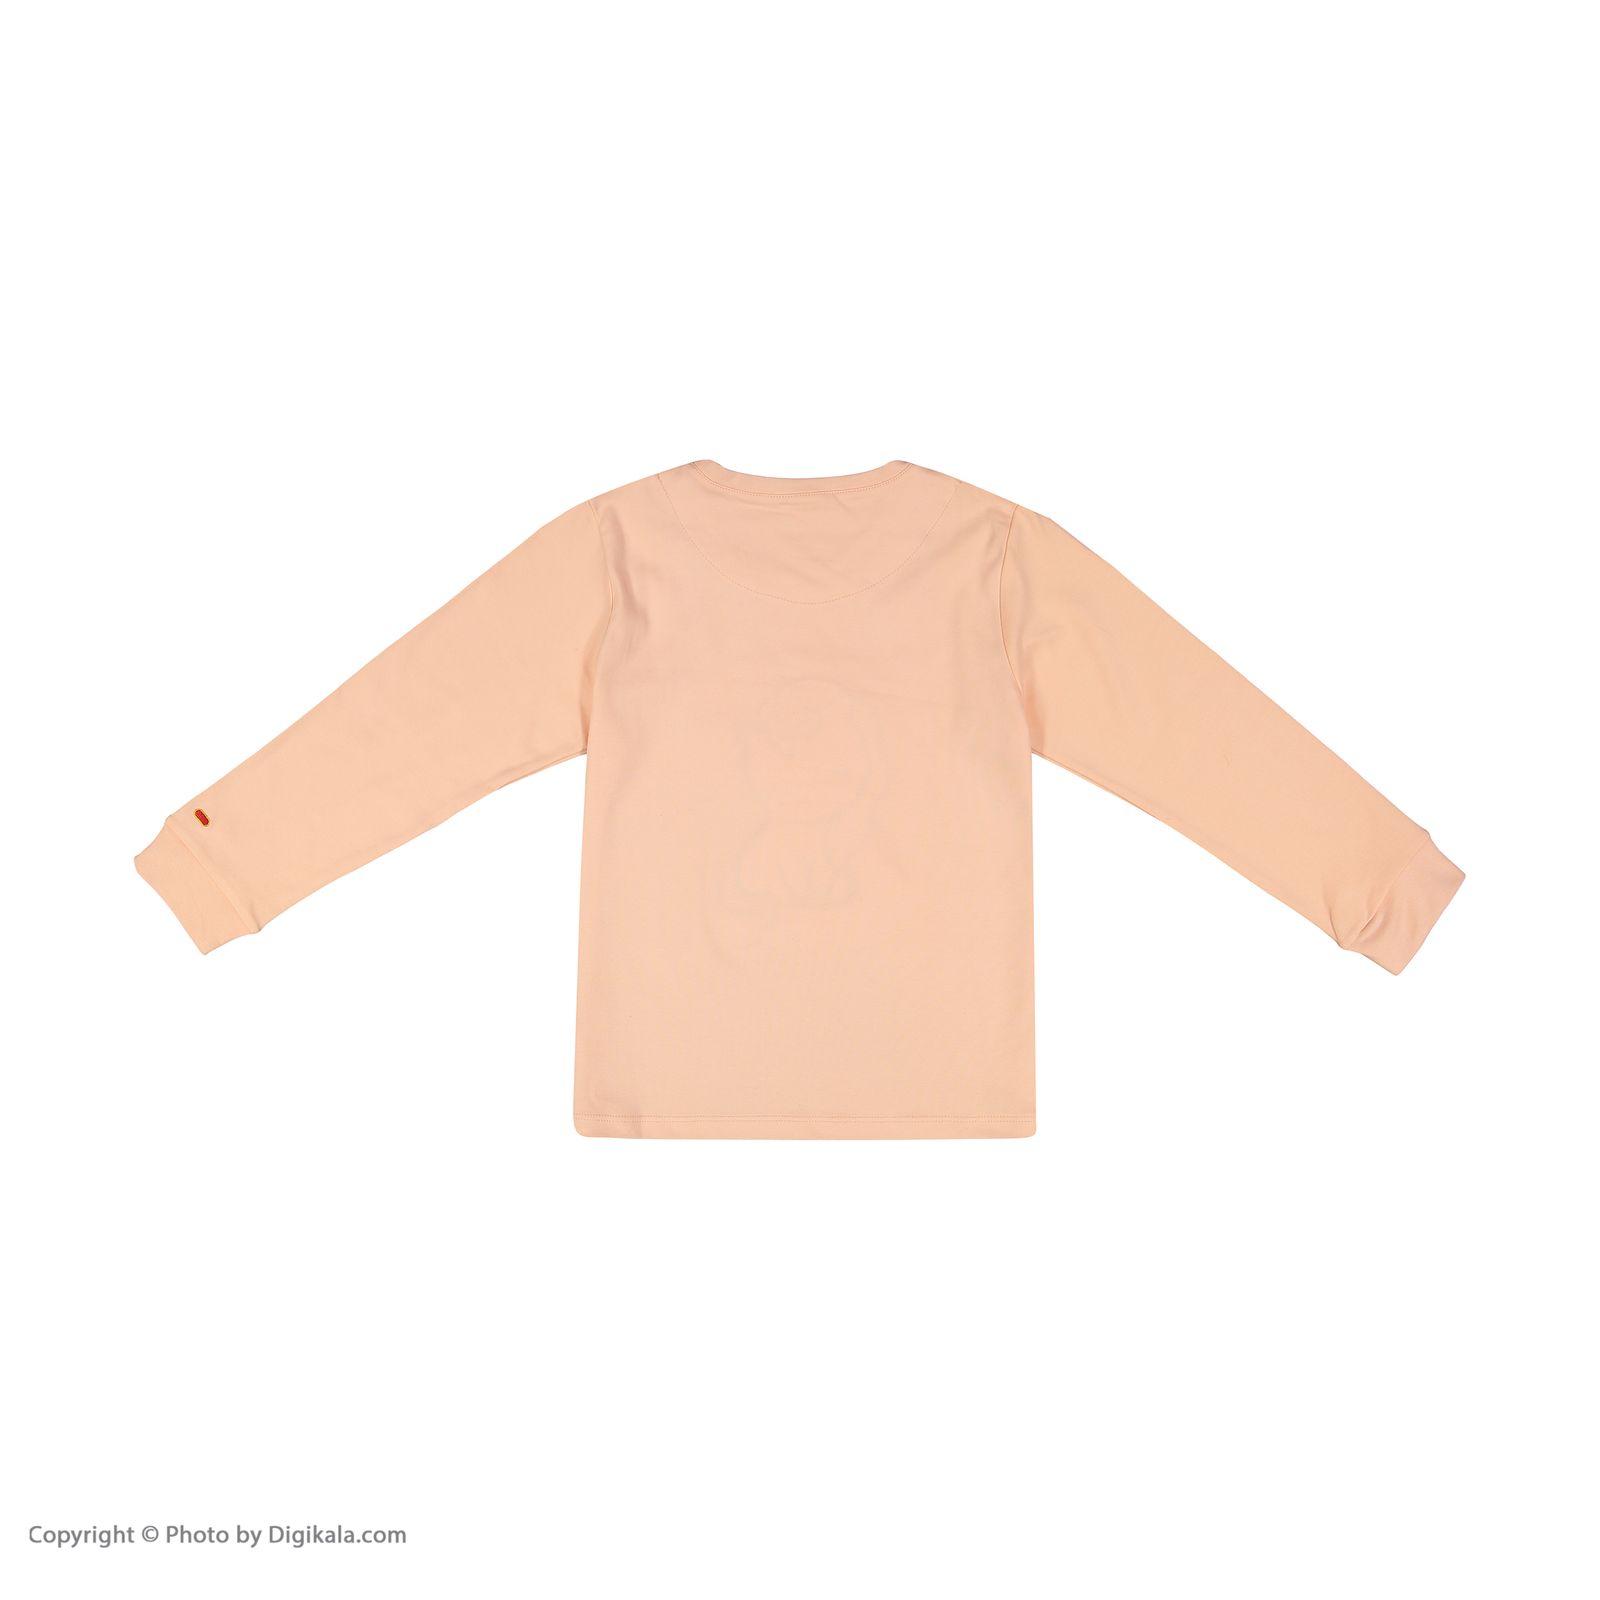 ست تی شرت و شلوار دخترانه مادر مدل 303-80 main 1 3